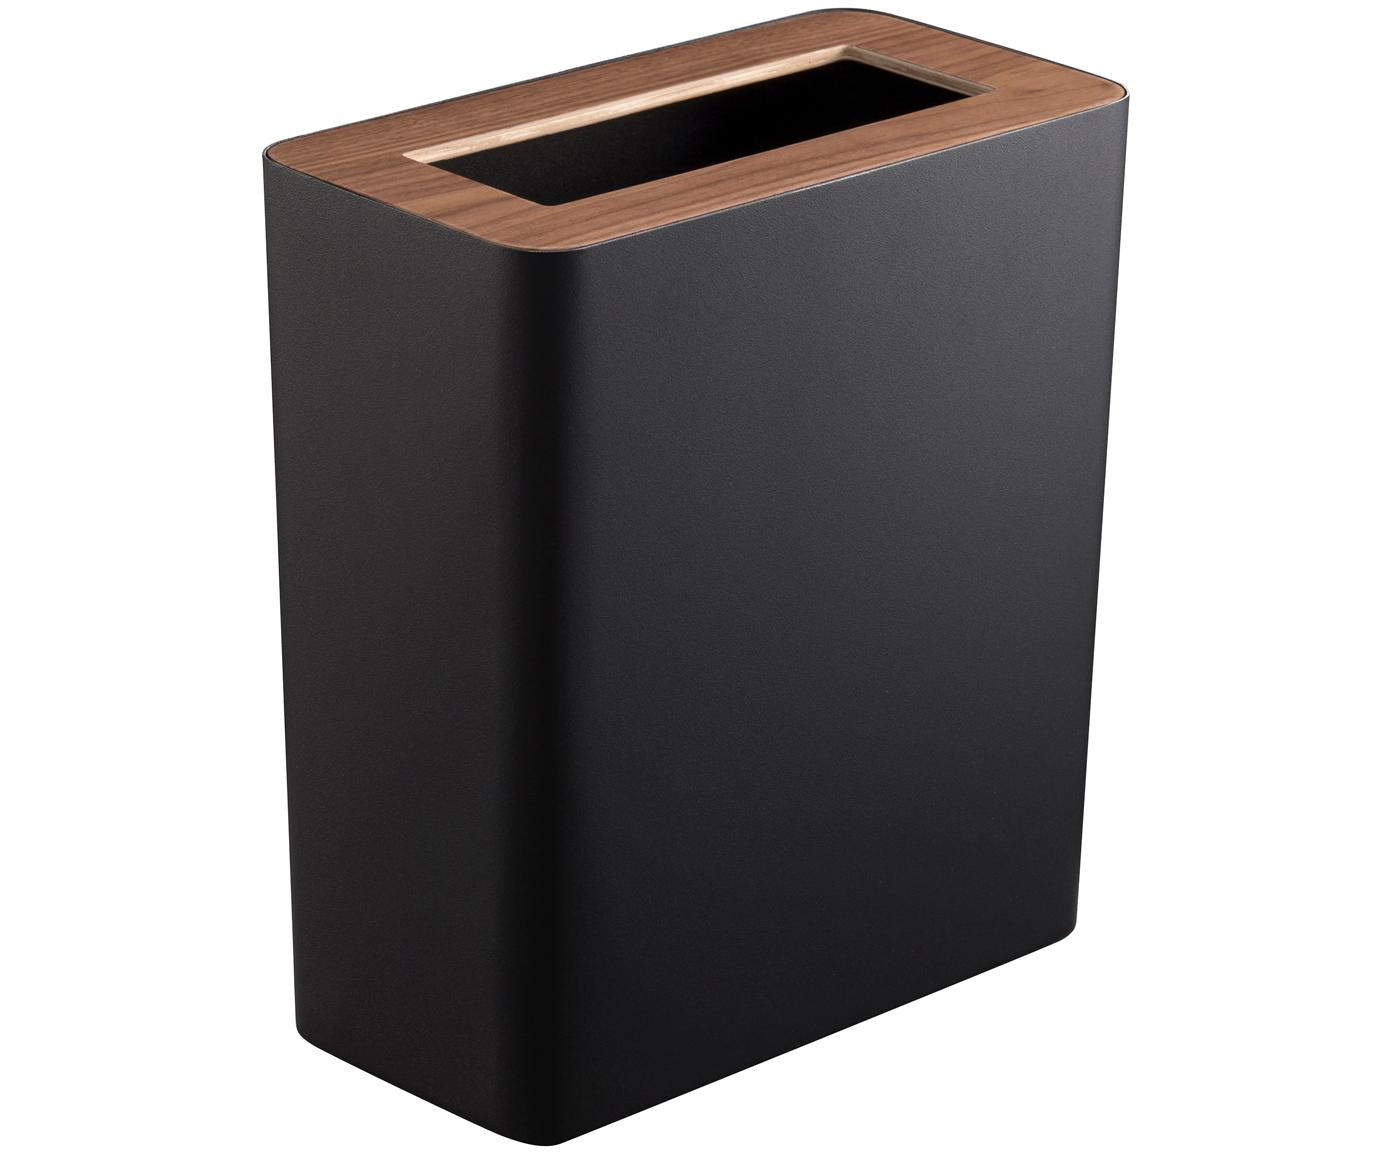 Papelera de acero pintado Rin, Negro, marrón oscuro, An 28 x Al 30 cm